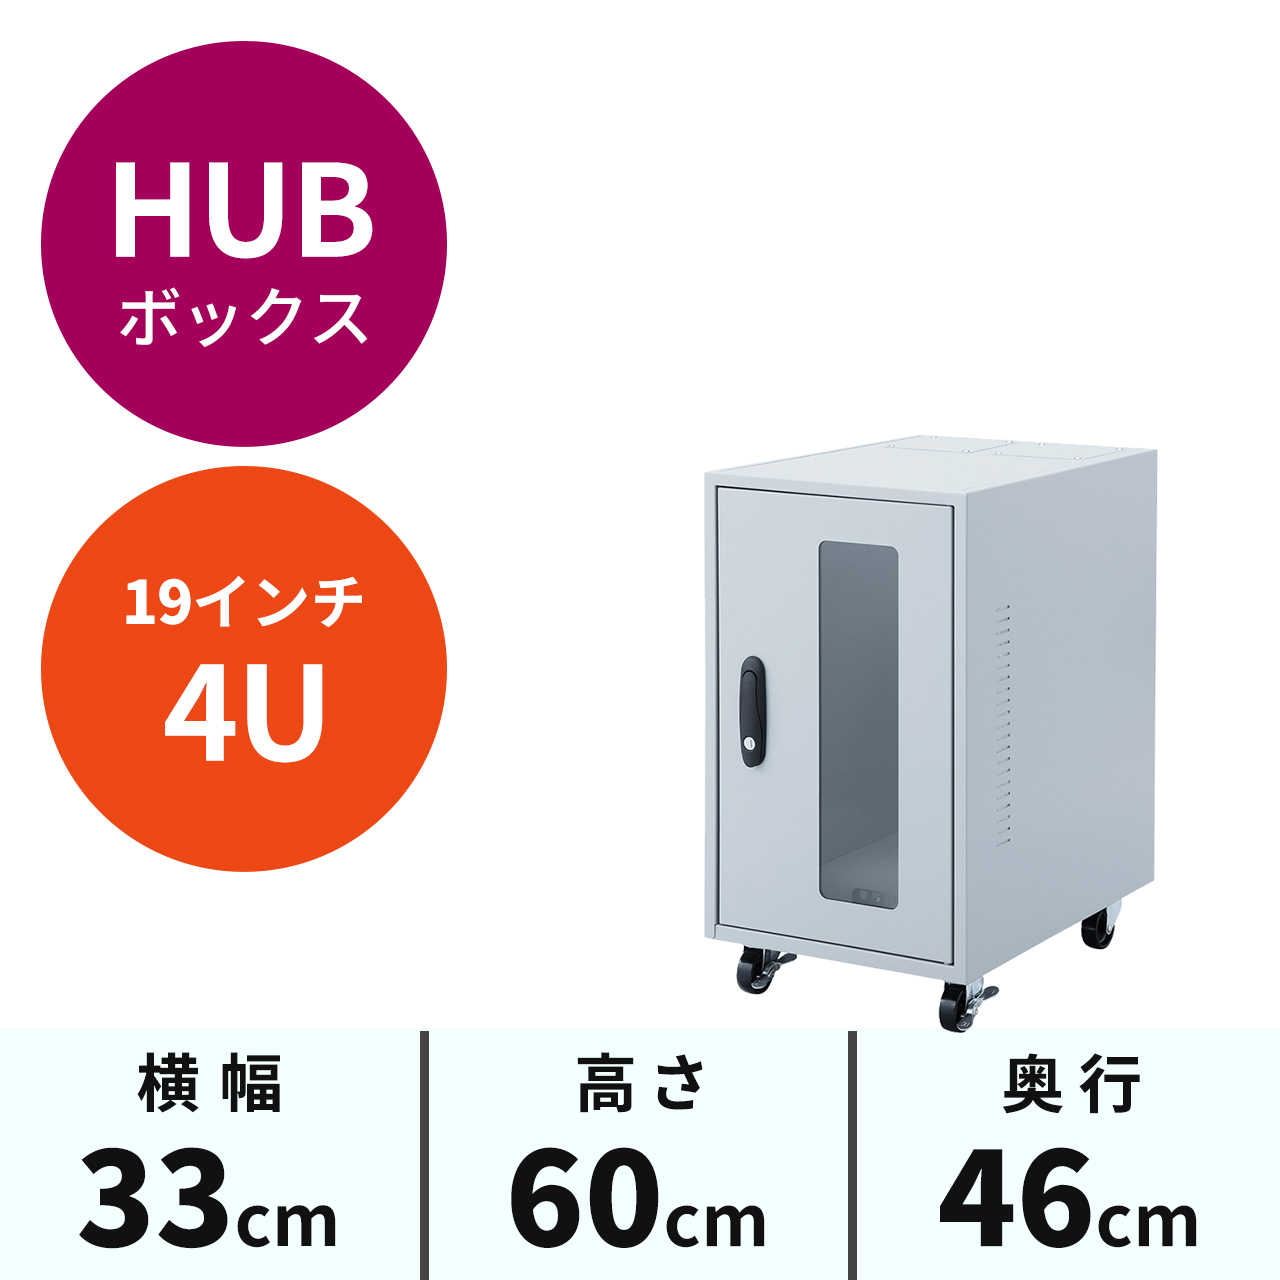 ハブ・ルーター収納ボックス(簡易防塵・W335×D465×H600mm・4U)[MR-FAHBOX4U]【送料無料】